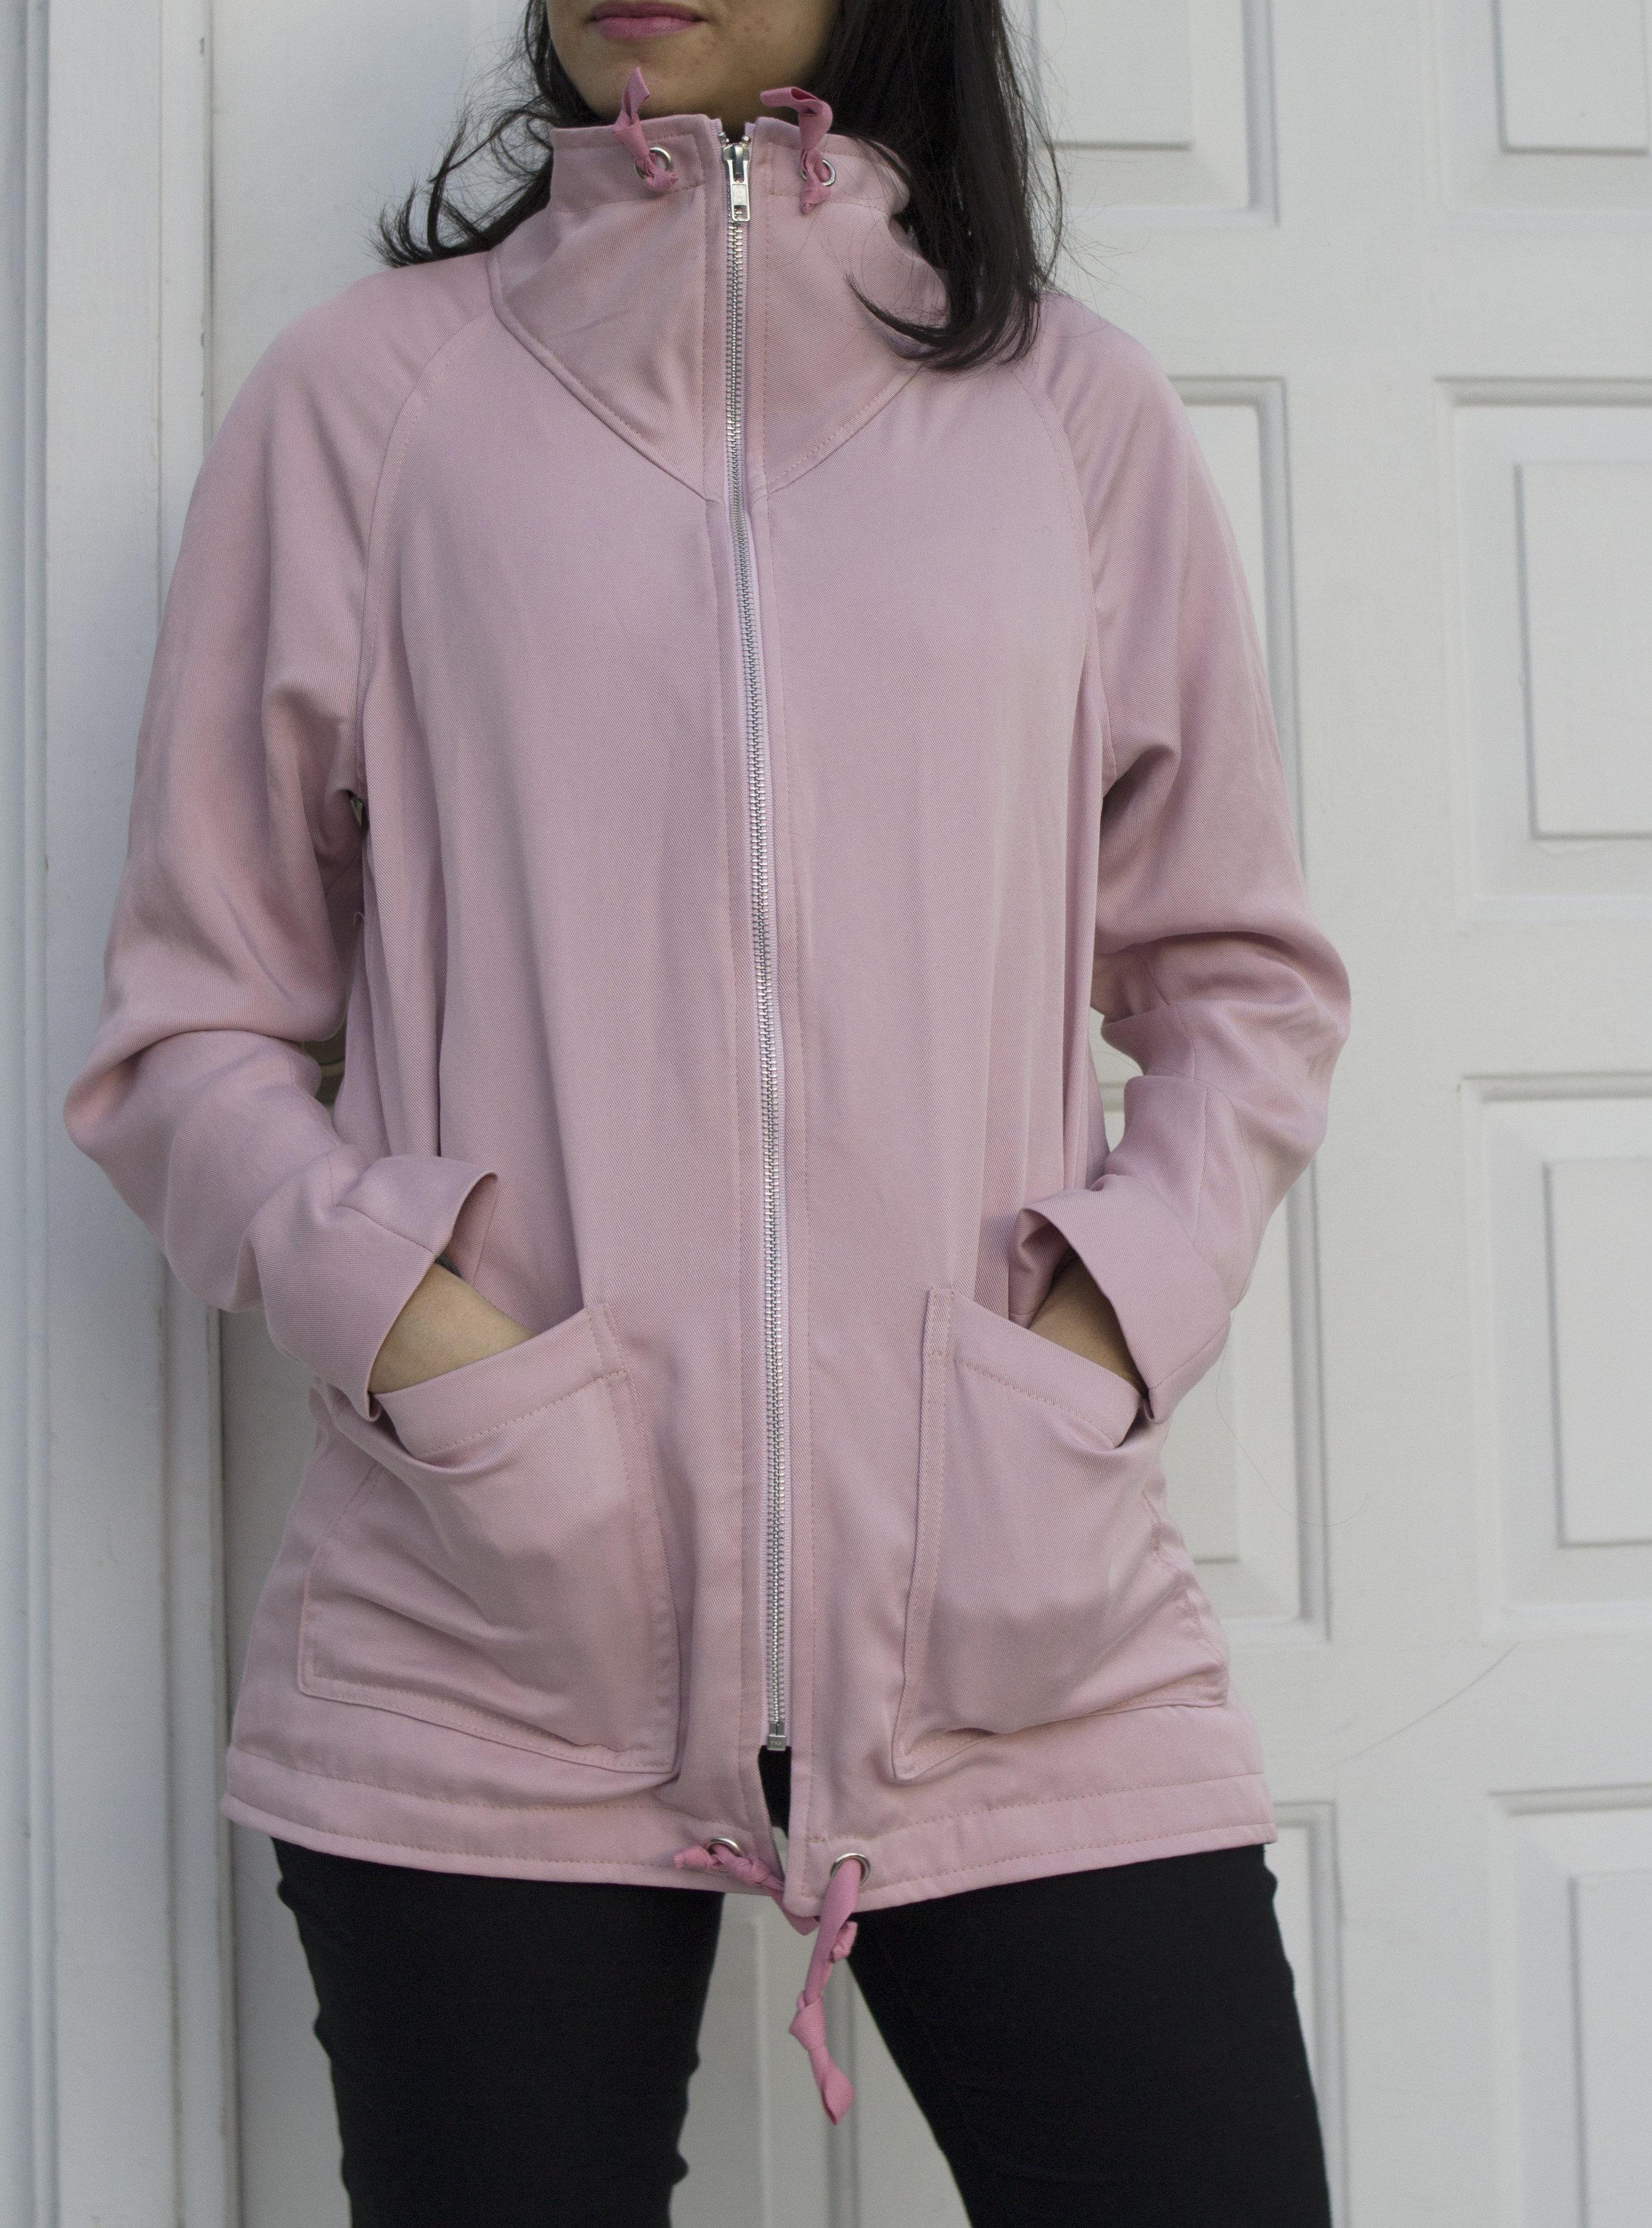 jj-pink3.jpg